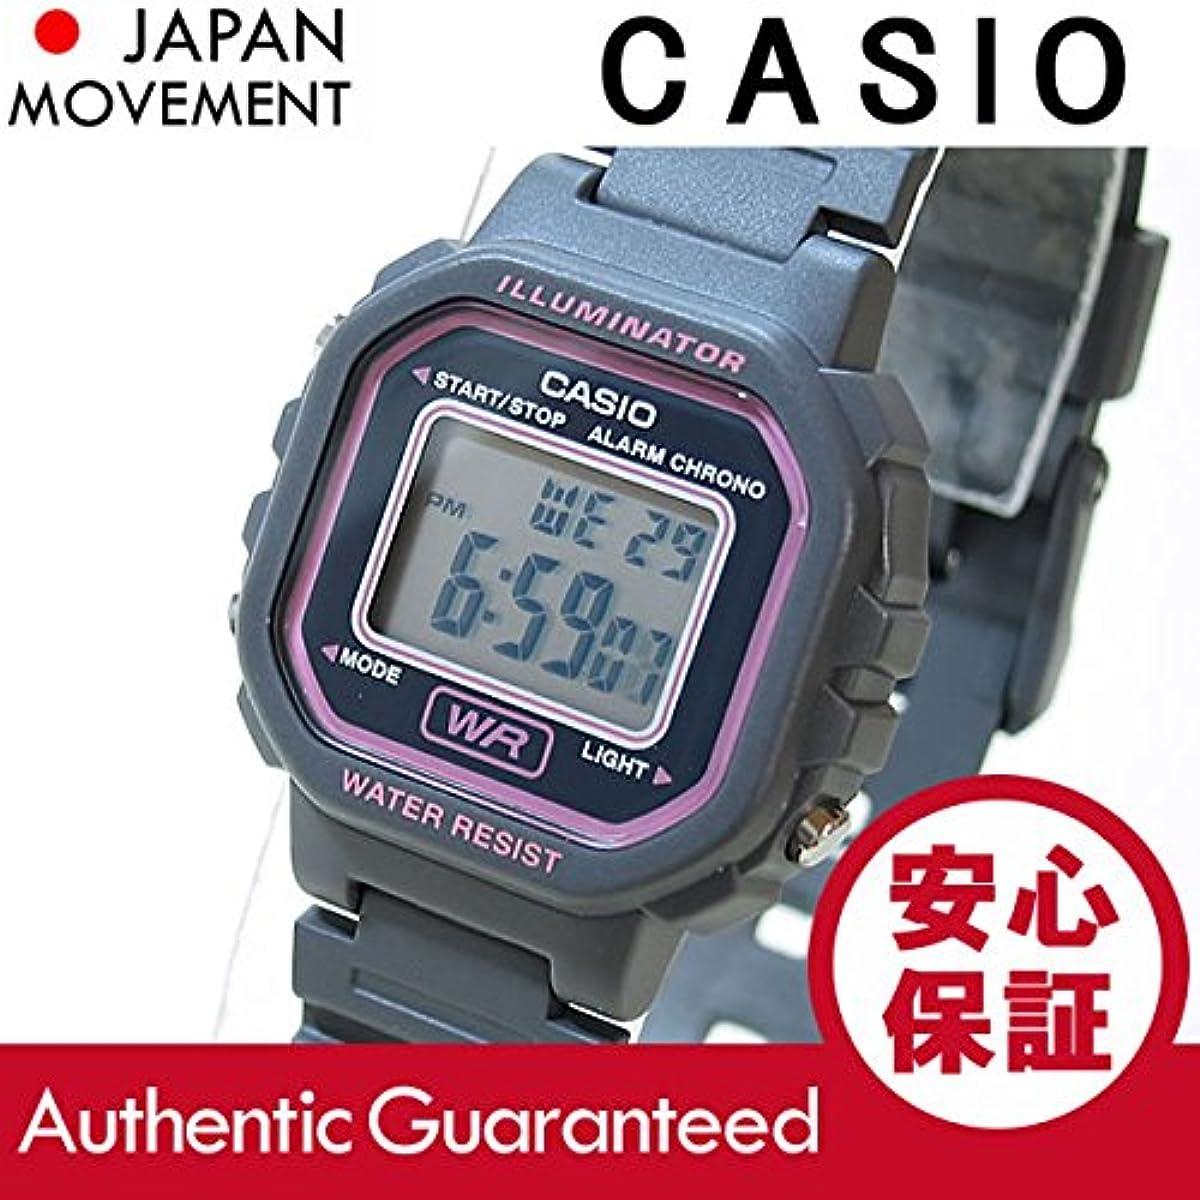 [해외] CASIO(카시오) LA-20WH-8A/LA20WH-8A 스탠다드 디지탈 핑크×그레이 레이디스 워치 손목시계 [병행수입품]